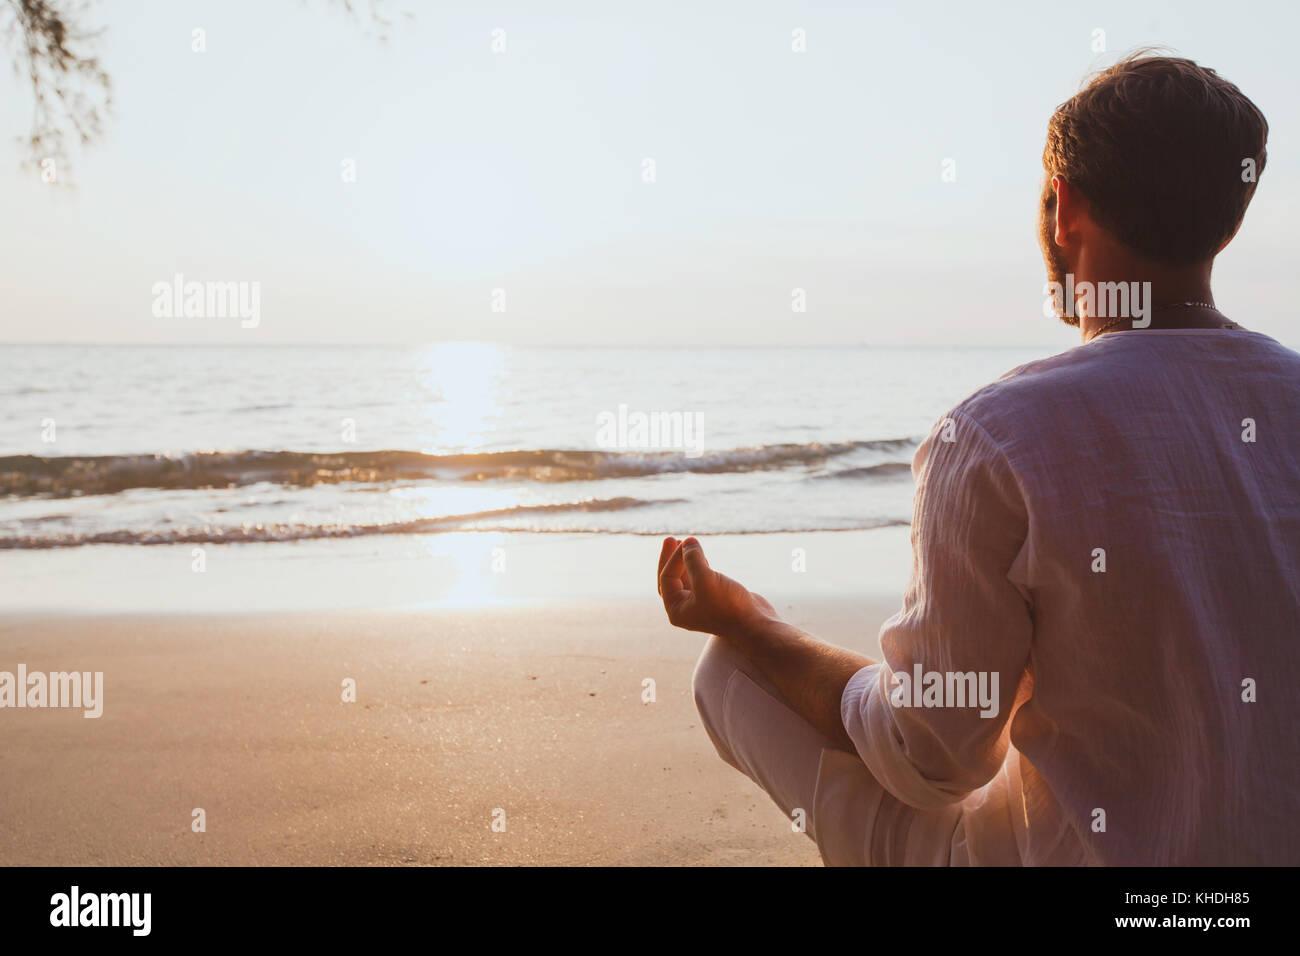 La meditazione, l'uomo la pratica dello yoga a Sunset beach, con uno sfondo con spazio di copia Immagini Stock